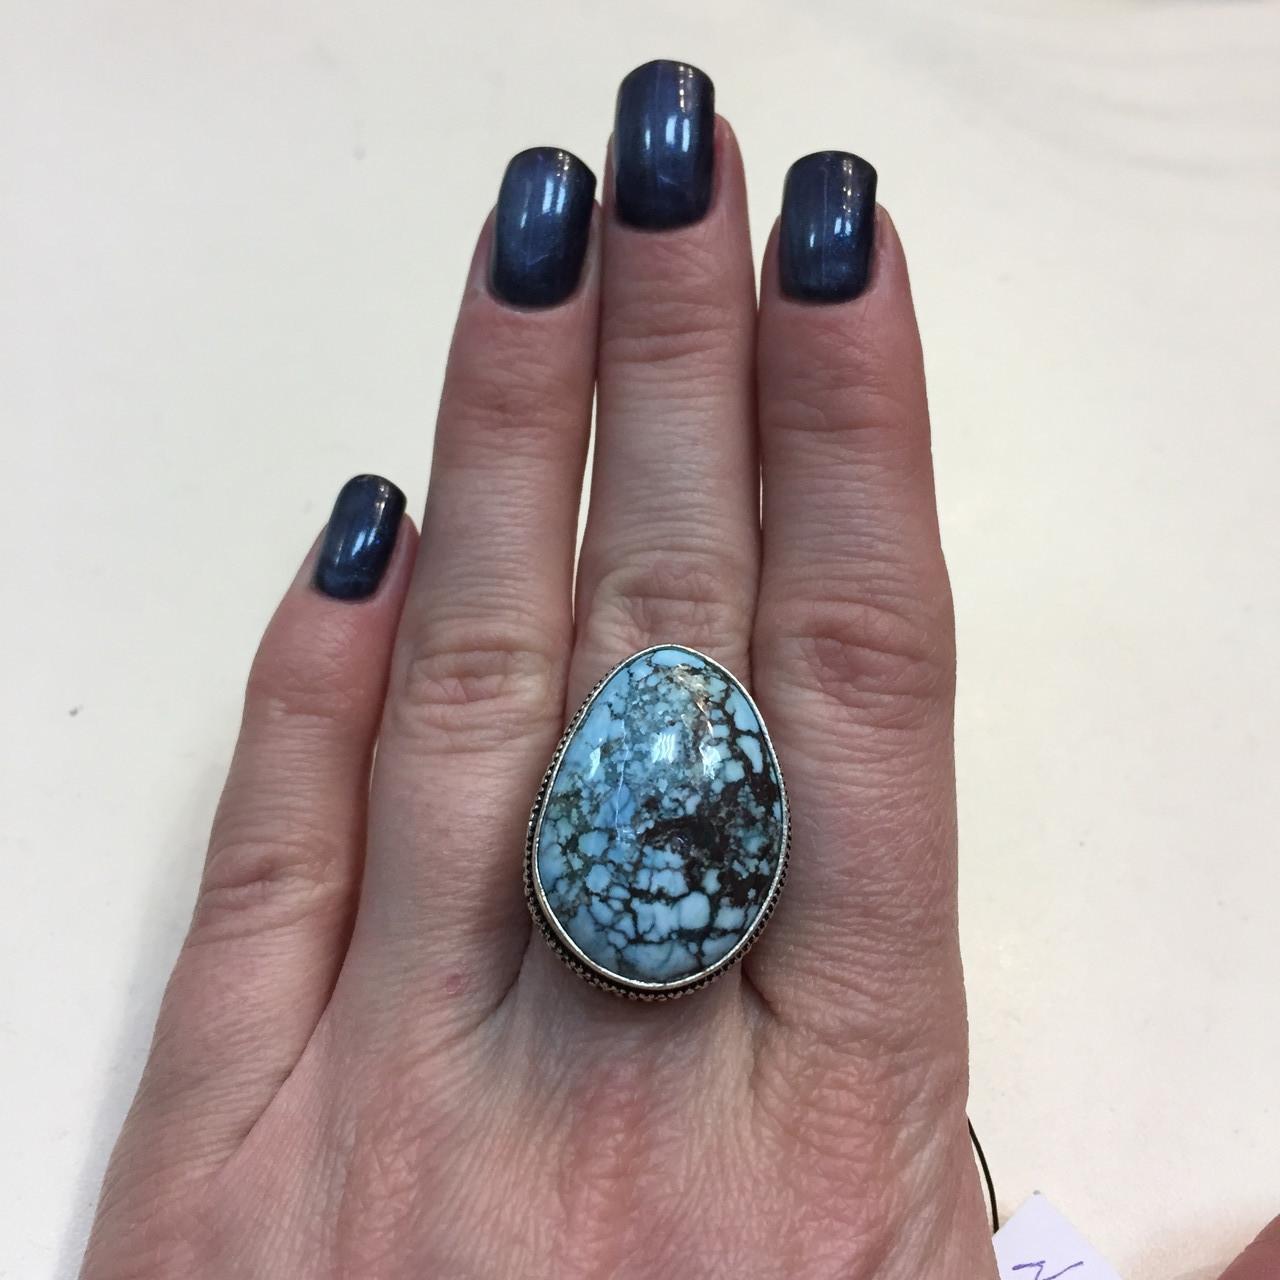 Бирюза кольцо с бирюзой 17,5-18 размер натуральная бирюза в серебре